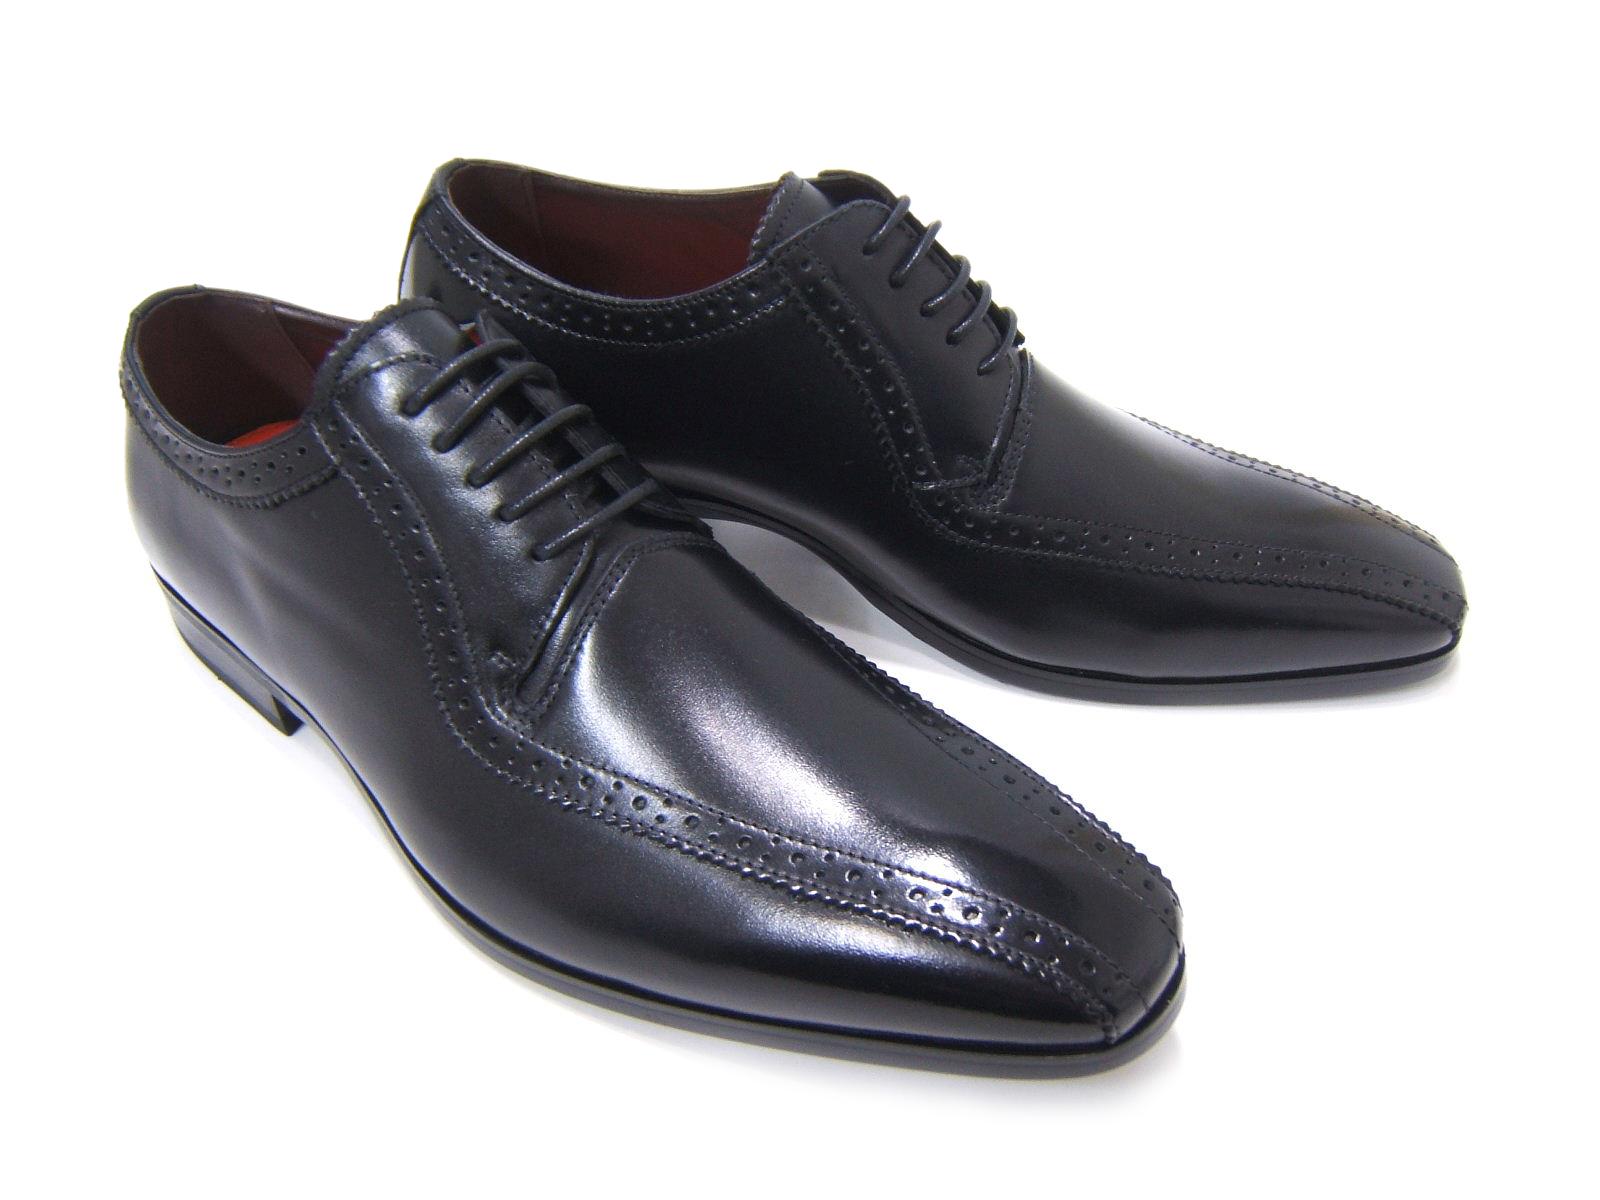 上品で遊び心ある大人の紳士ビジネスシューズ!YUKIKO HANAI/ユキコ ハナイ ビジネスYH-3113 紳士靴 ブラック スワールモカ外羽根 ビジネス フォーマル 送料無料